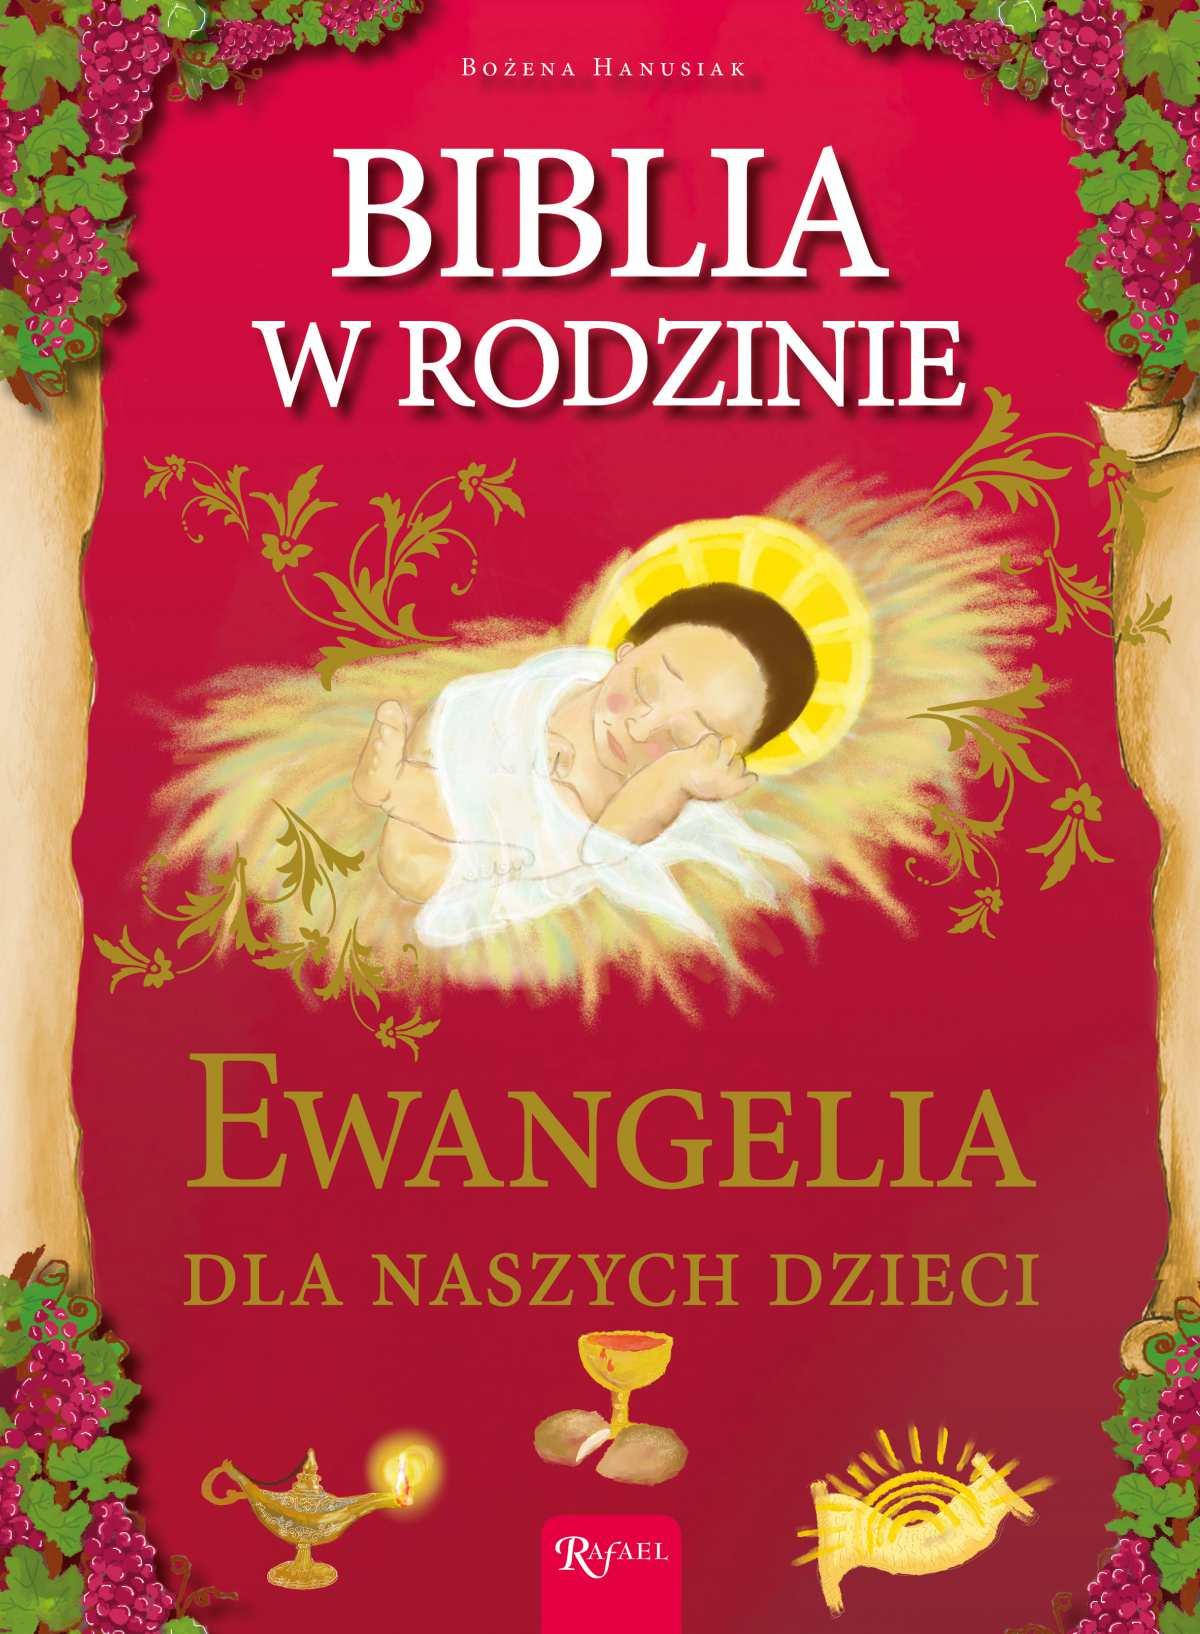 Biblia w rodzinie. Ewangelia dla naszych dzieci - Ebook (Książka EPUB) do pobrania w formacie EPUB